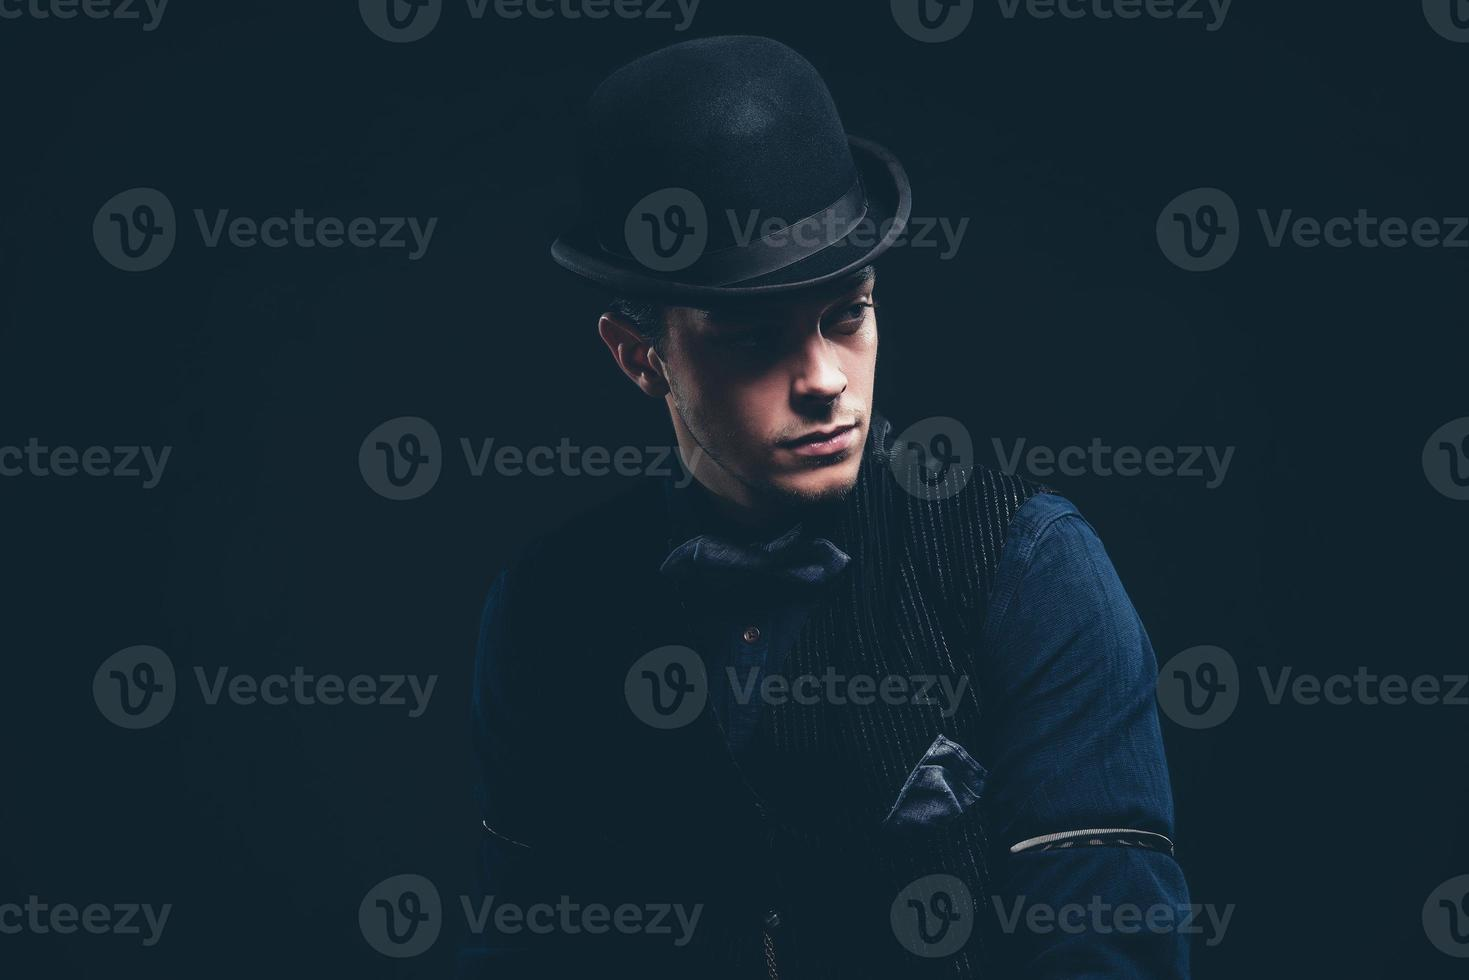 homme de mode vintage avec chemise bleue, gilet, jeans, noeud papillon. photo